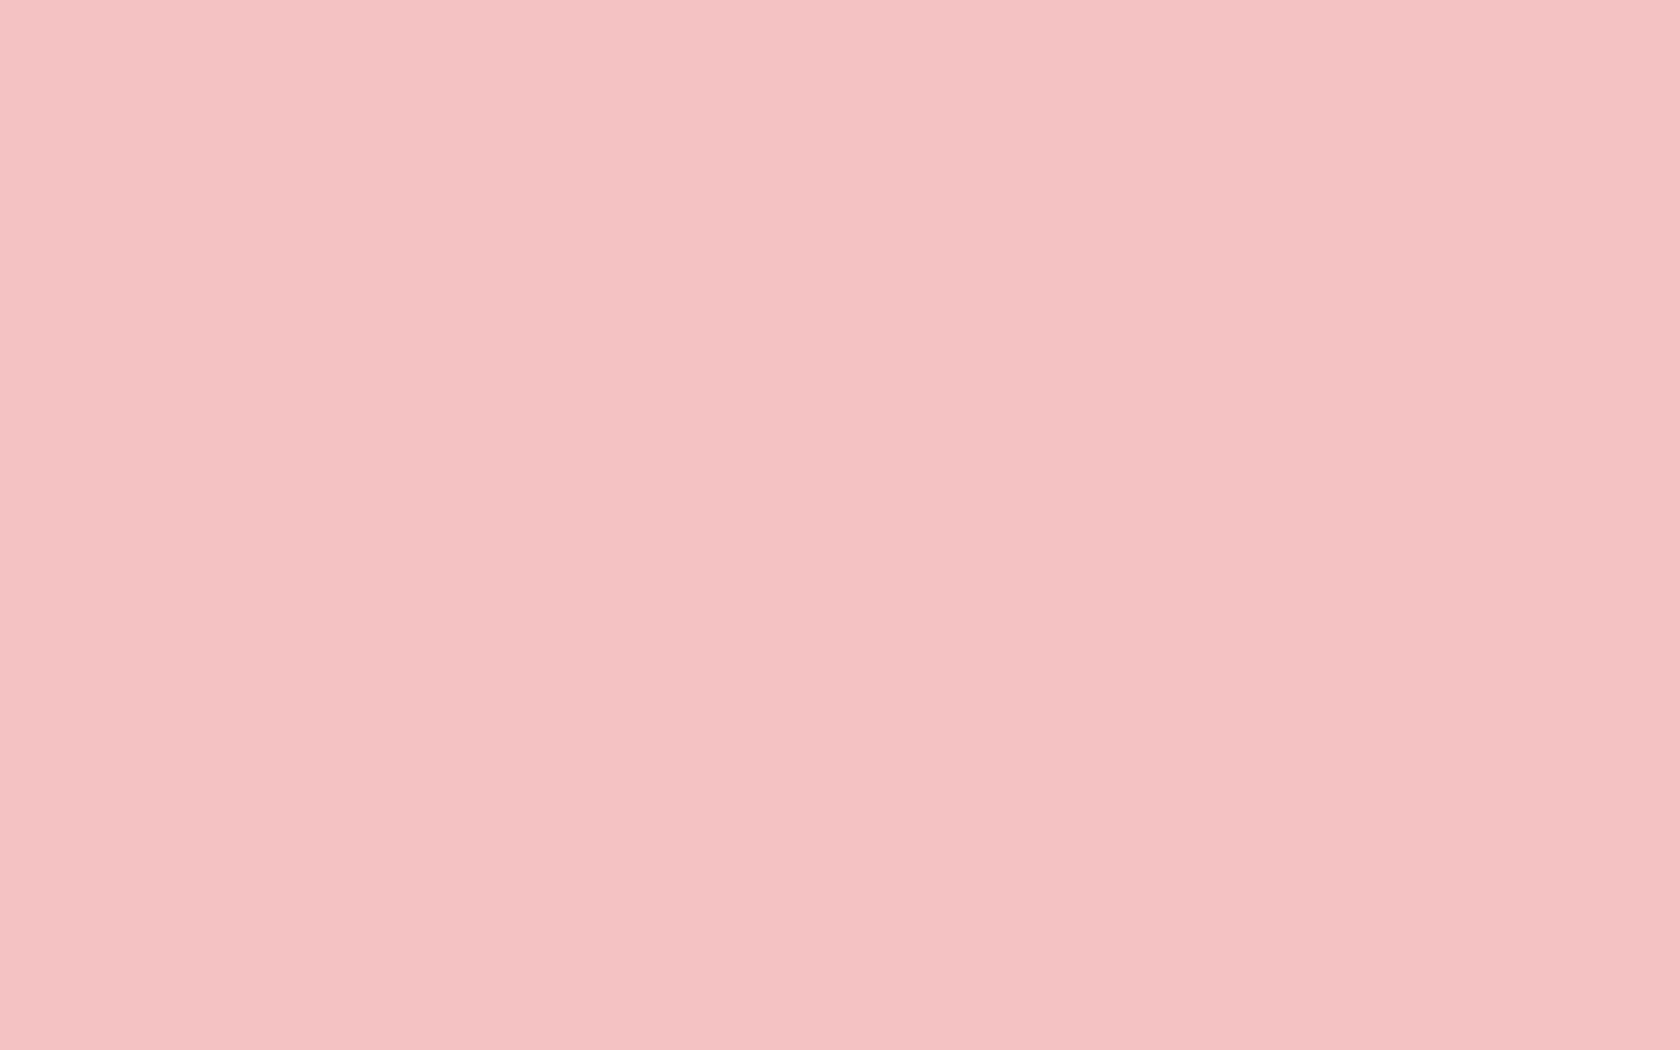 1680x1050 Tea Rose Rose Solid Color Background